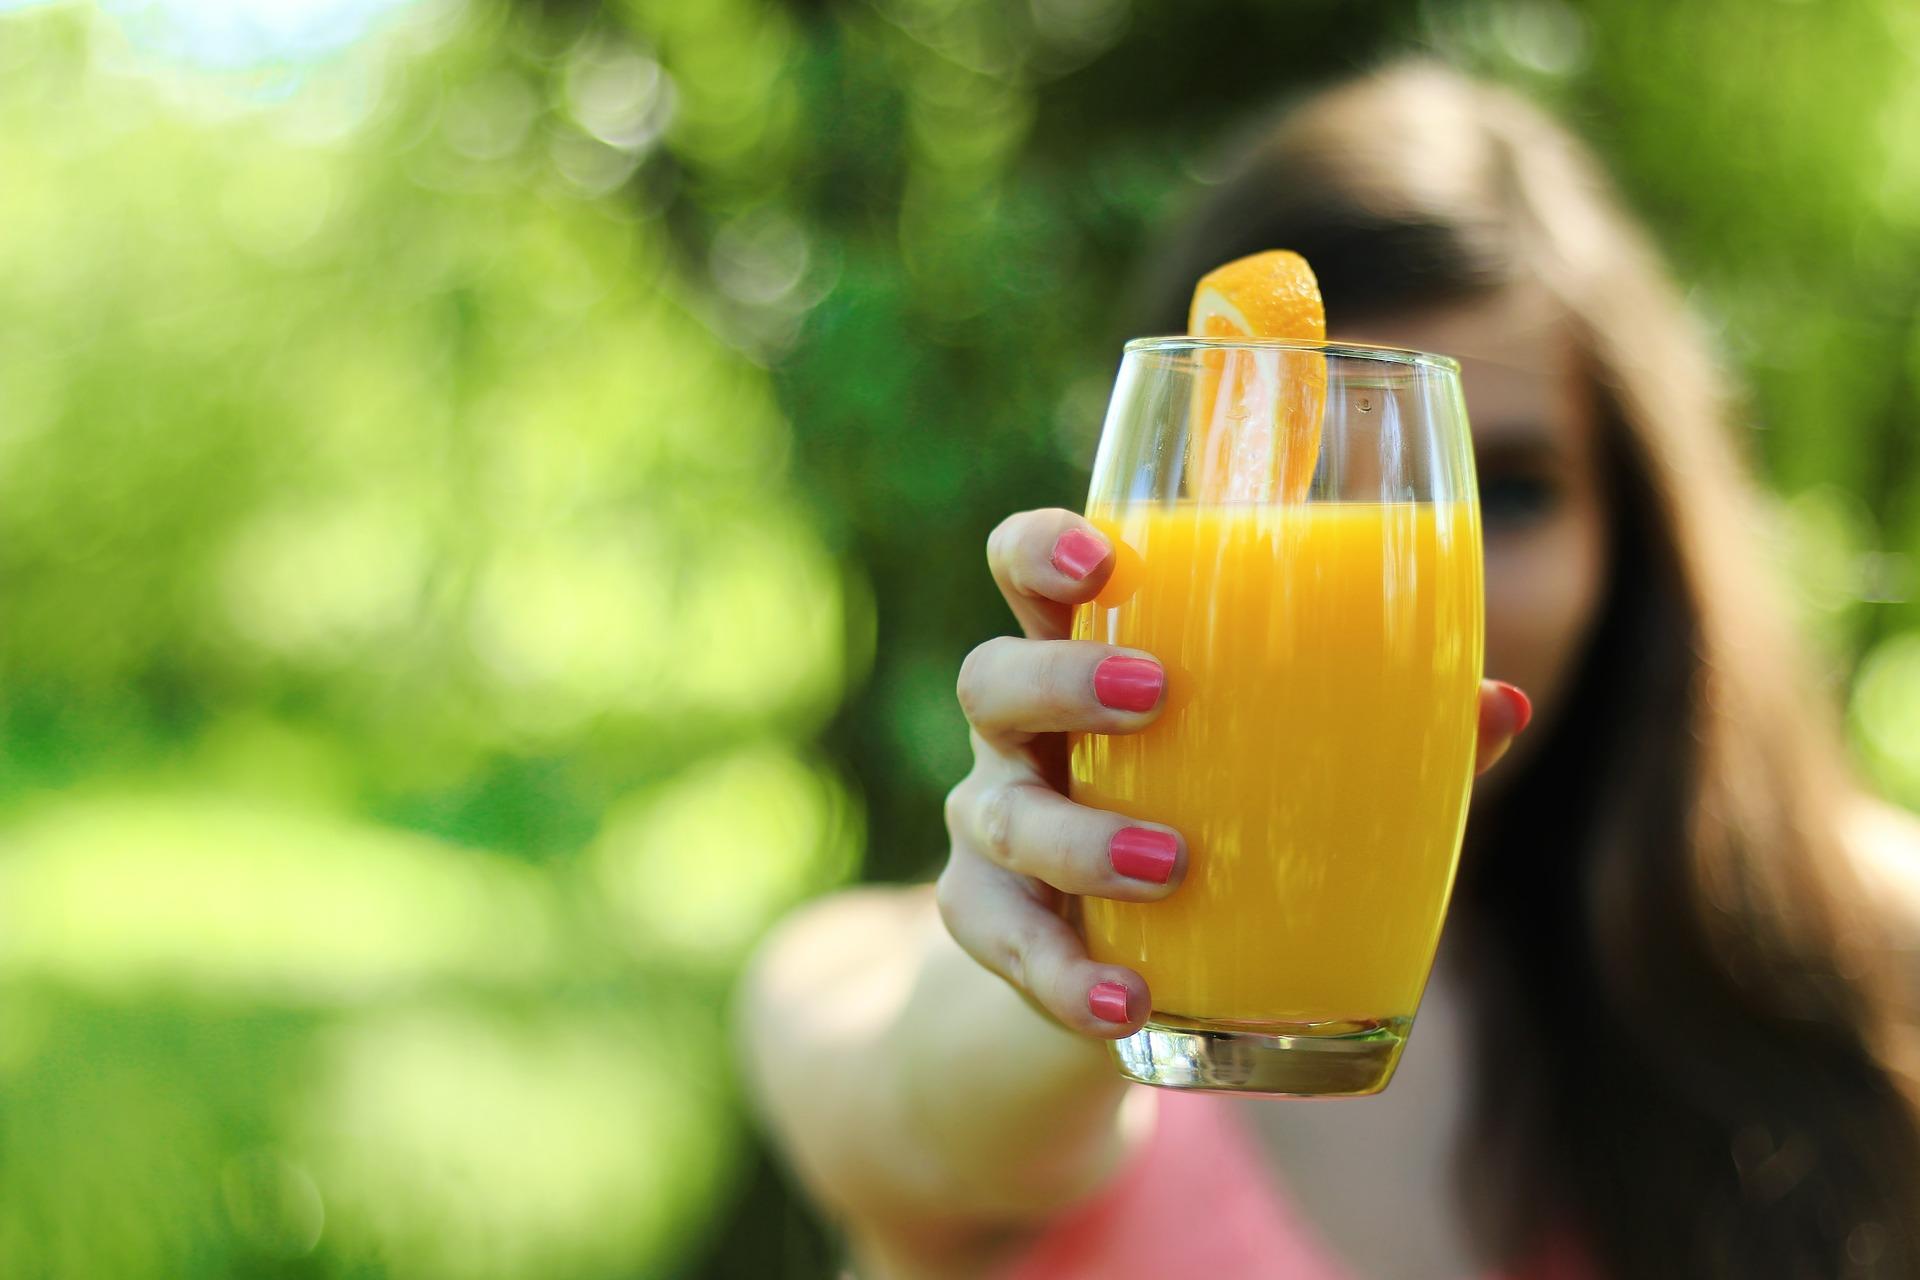 Ekspert: nie ma związku między piciem soków a nowotworami